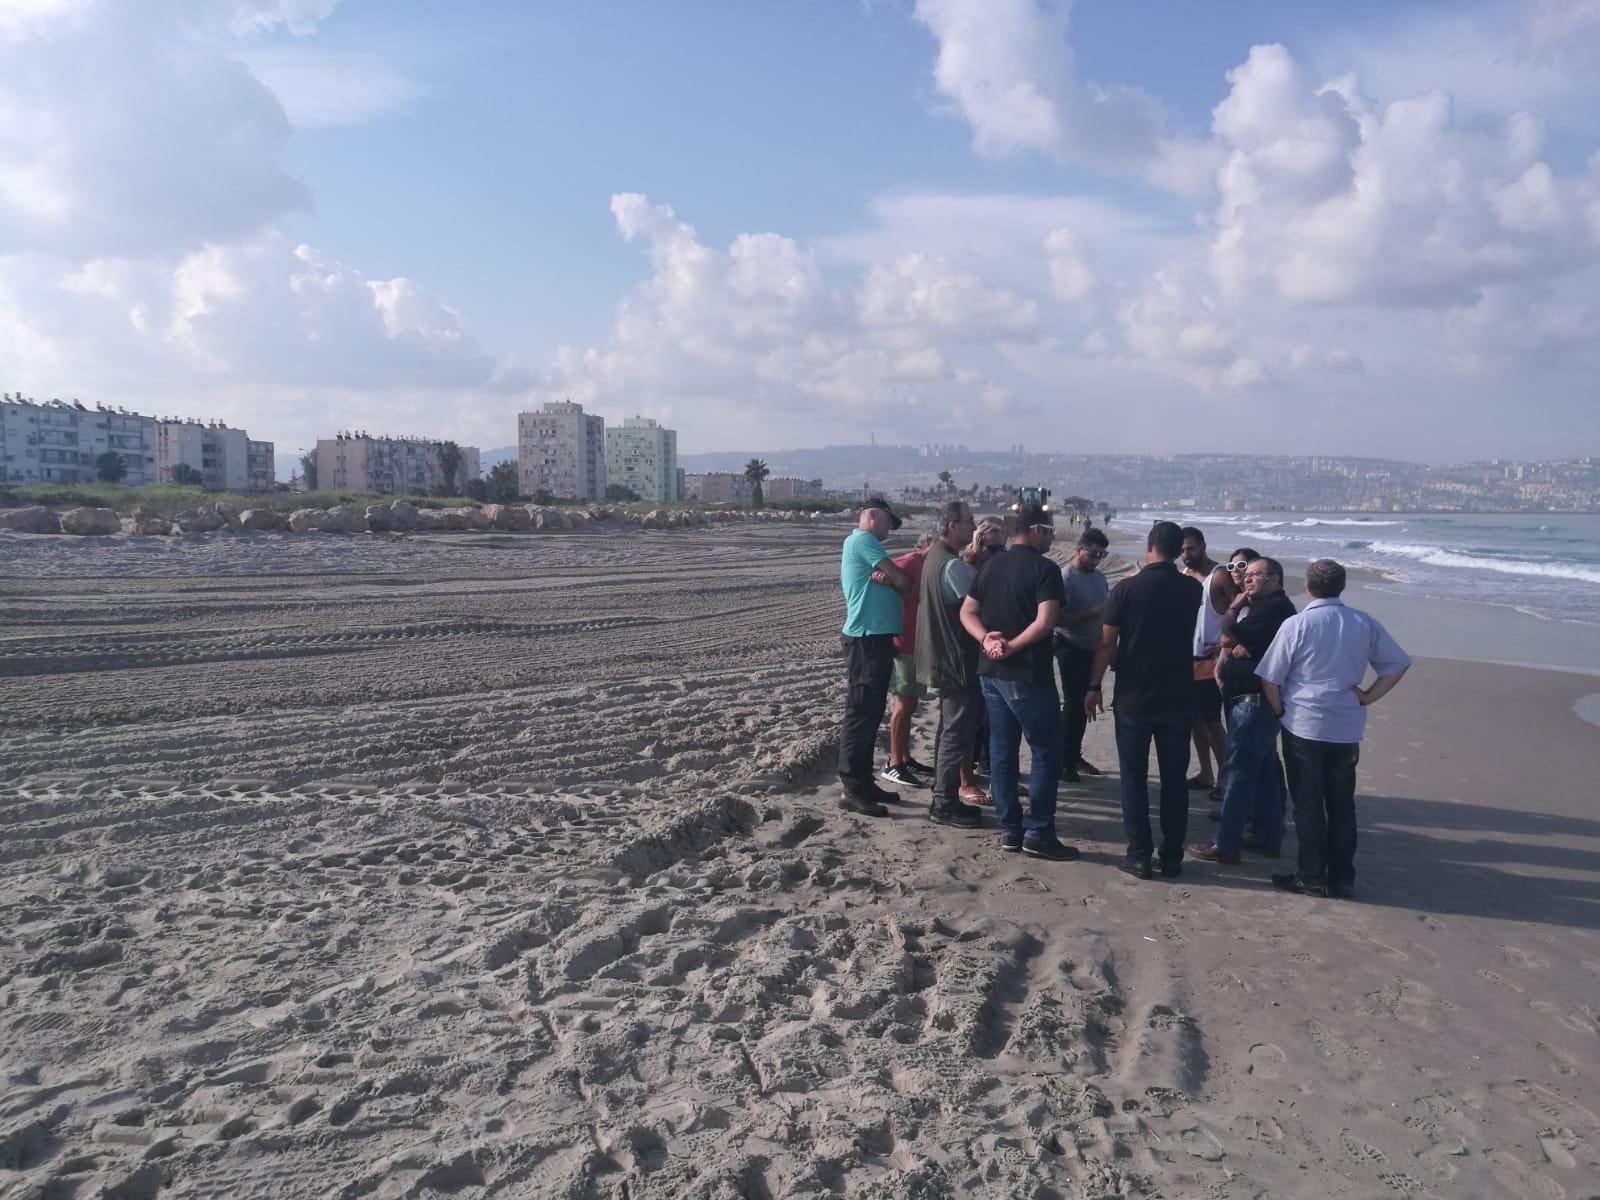 شواطئ سباحة جديدة في حيفا!